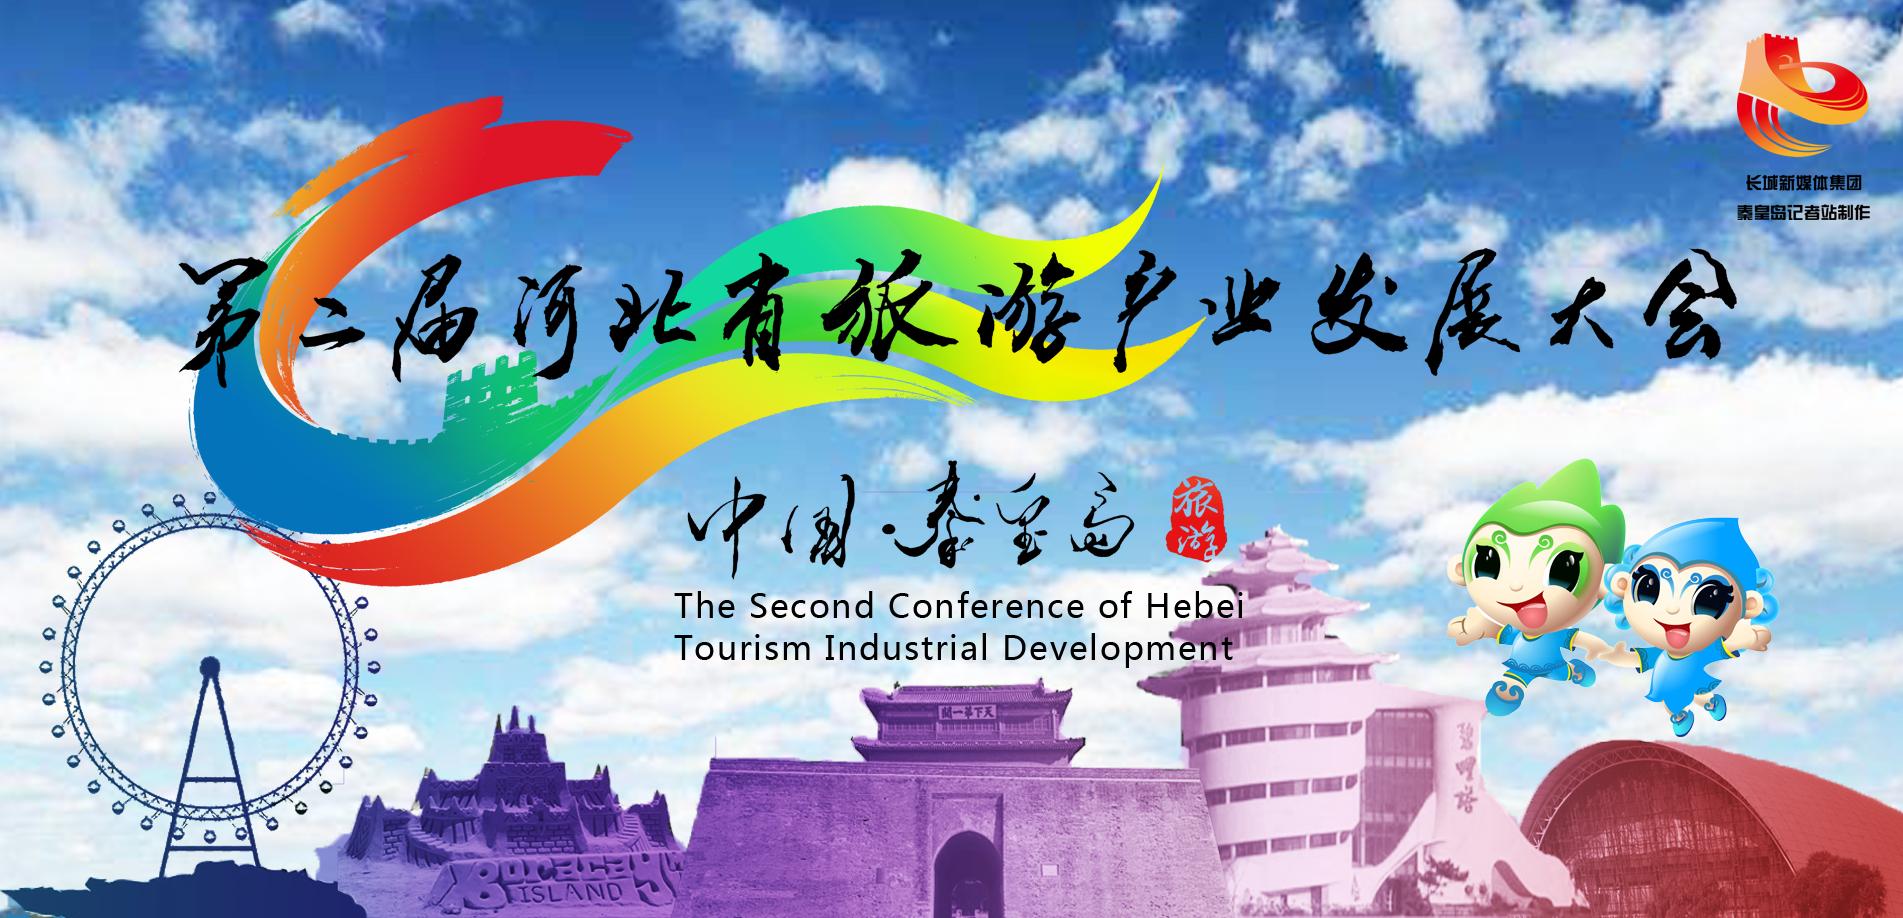 【专题】聚焦第二届河北省旅游产业发展大会